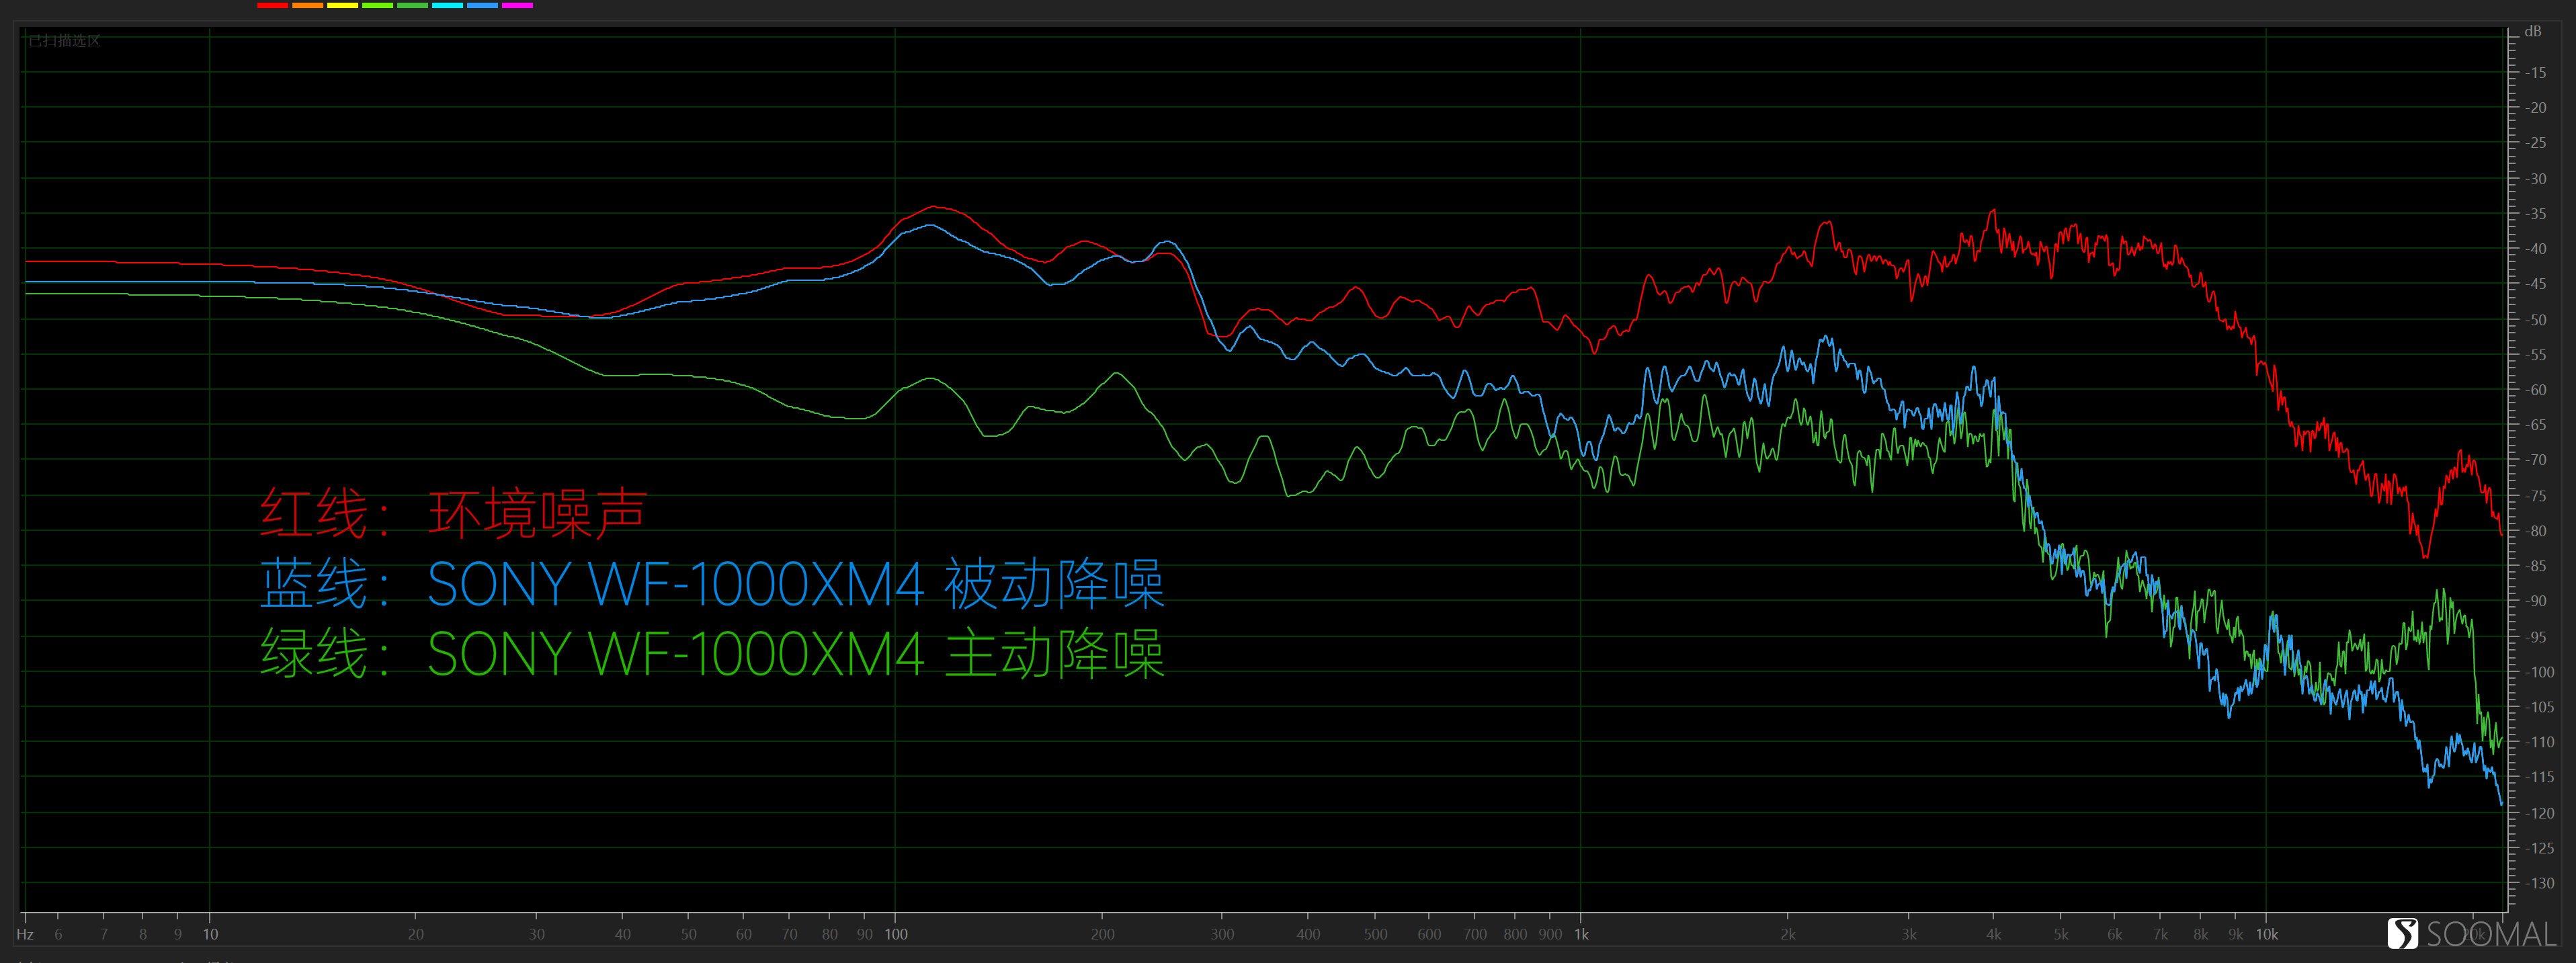 索尼 SONY WF-1000XM4 蓝牙真无线主动降噪耳机测评报告 「SOOMAL」